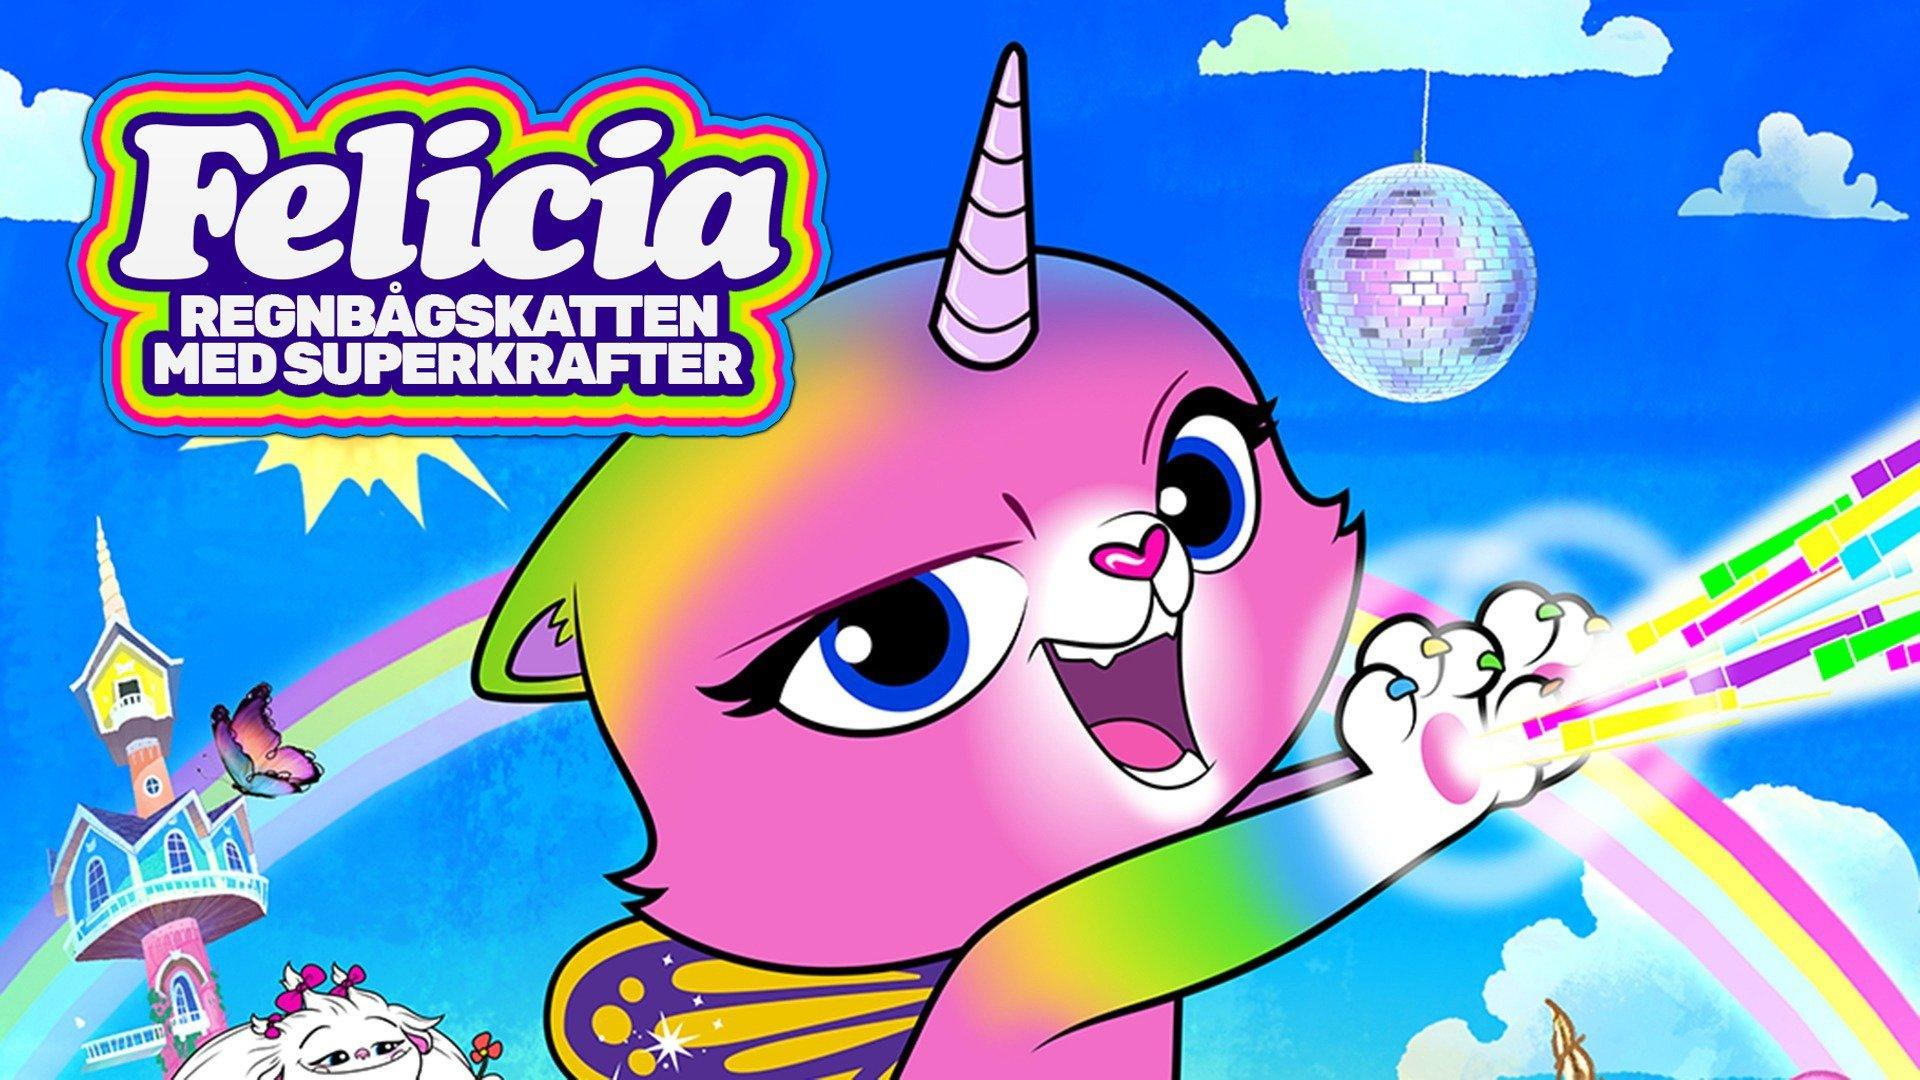 Felicia - Regnbågskatten Med Superkrafter